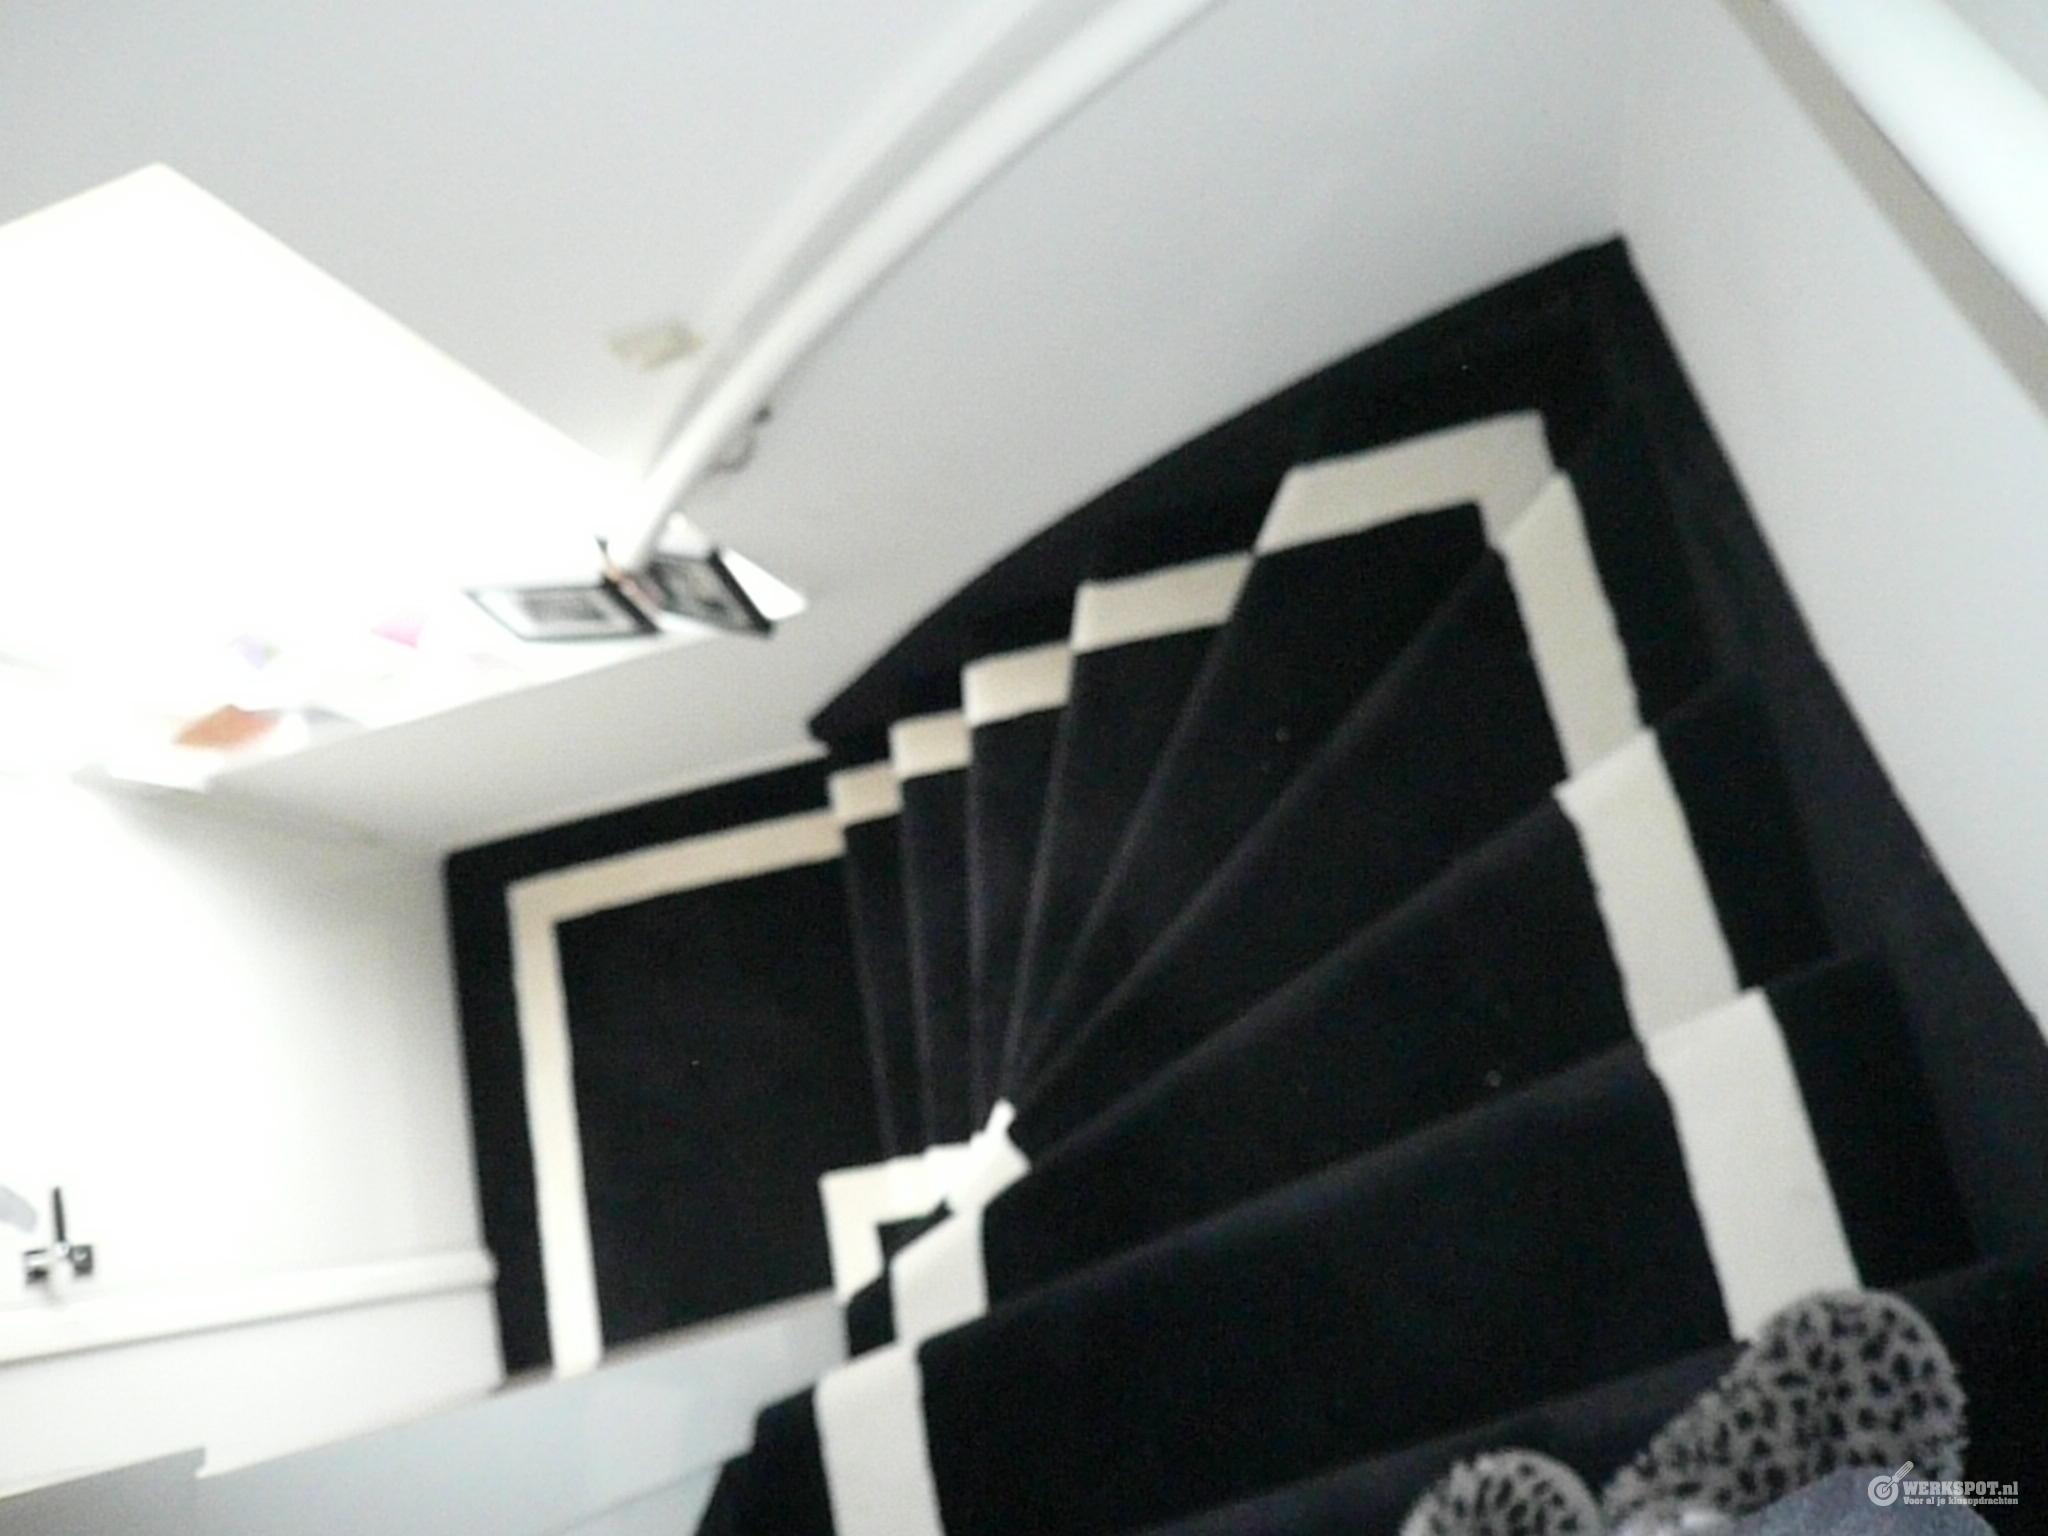 Hoeveel tapijt heb ik nodig voor een trap